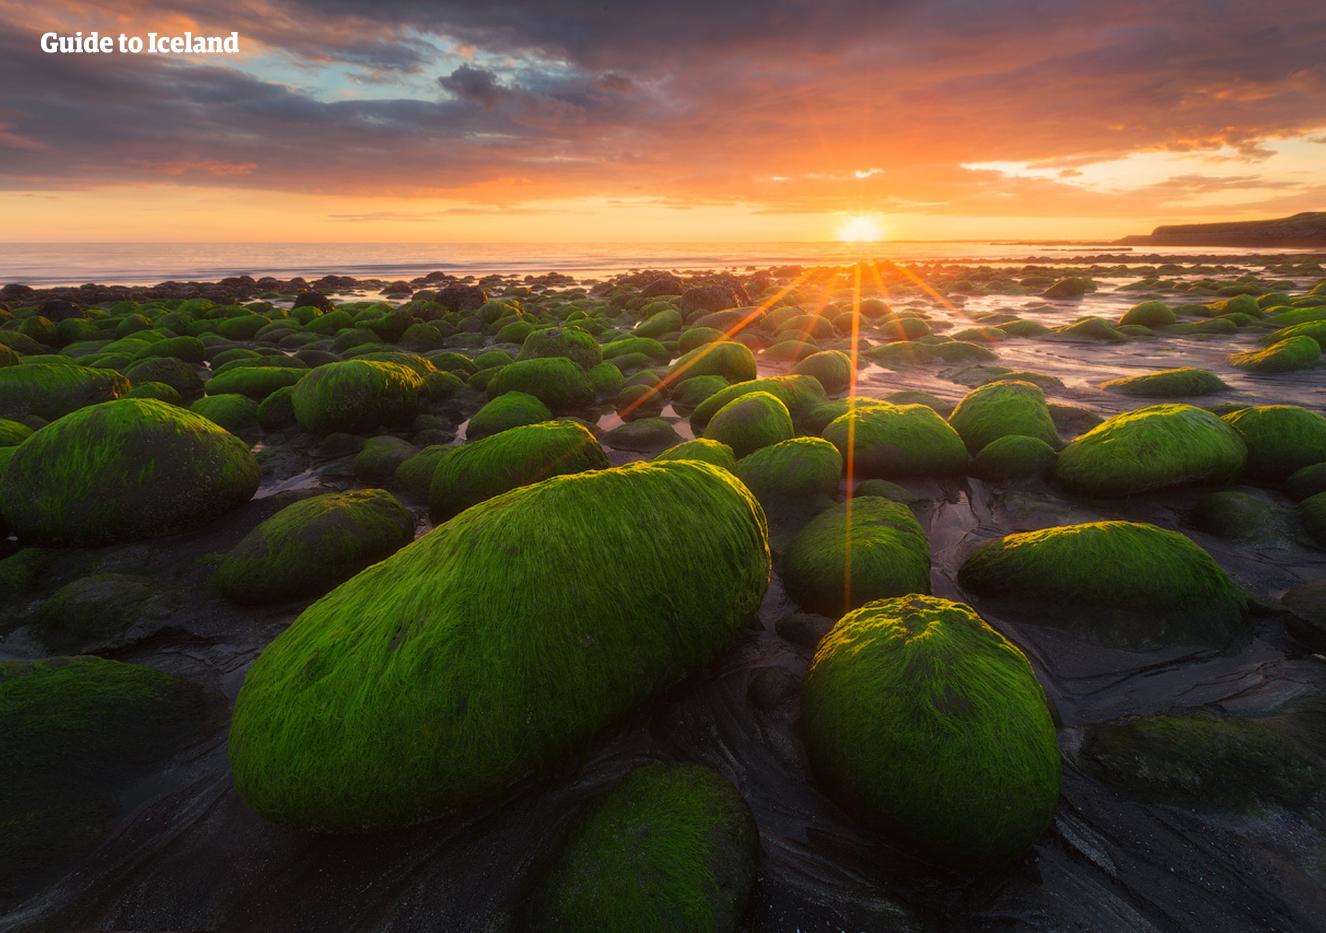 8-dniowa letnia, samodzielna wycieczka po całej obwodnicy Islandii z naciskiem na południowe wybrzeże - day 8